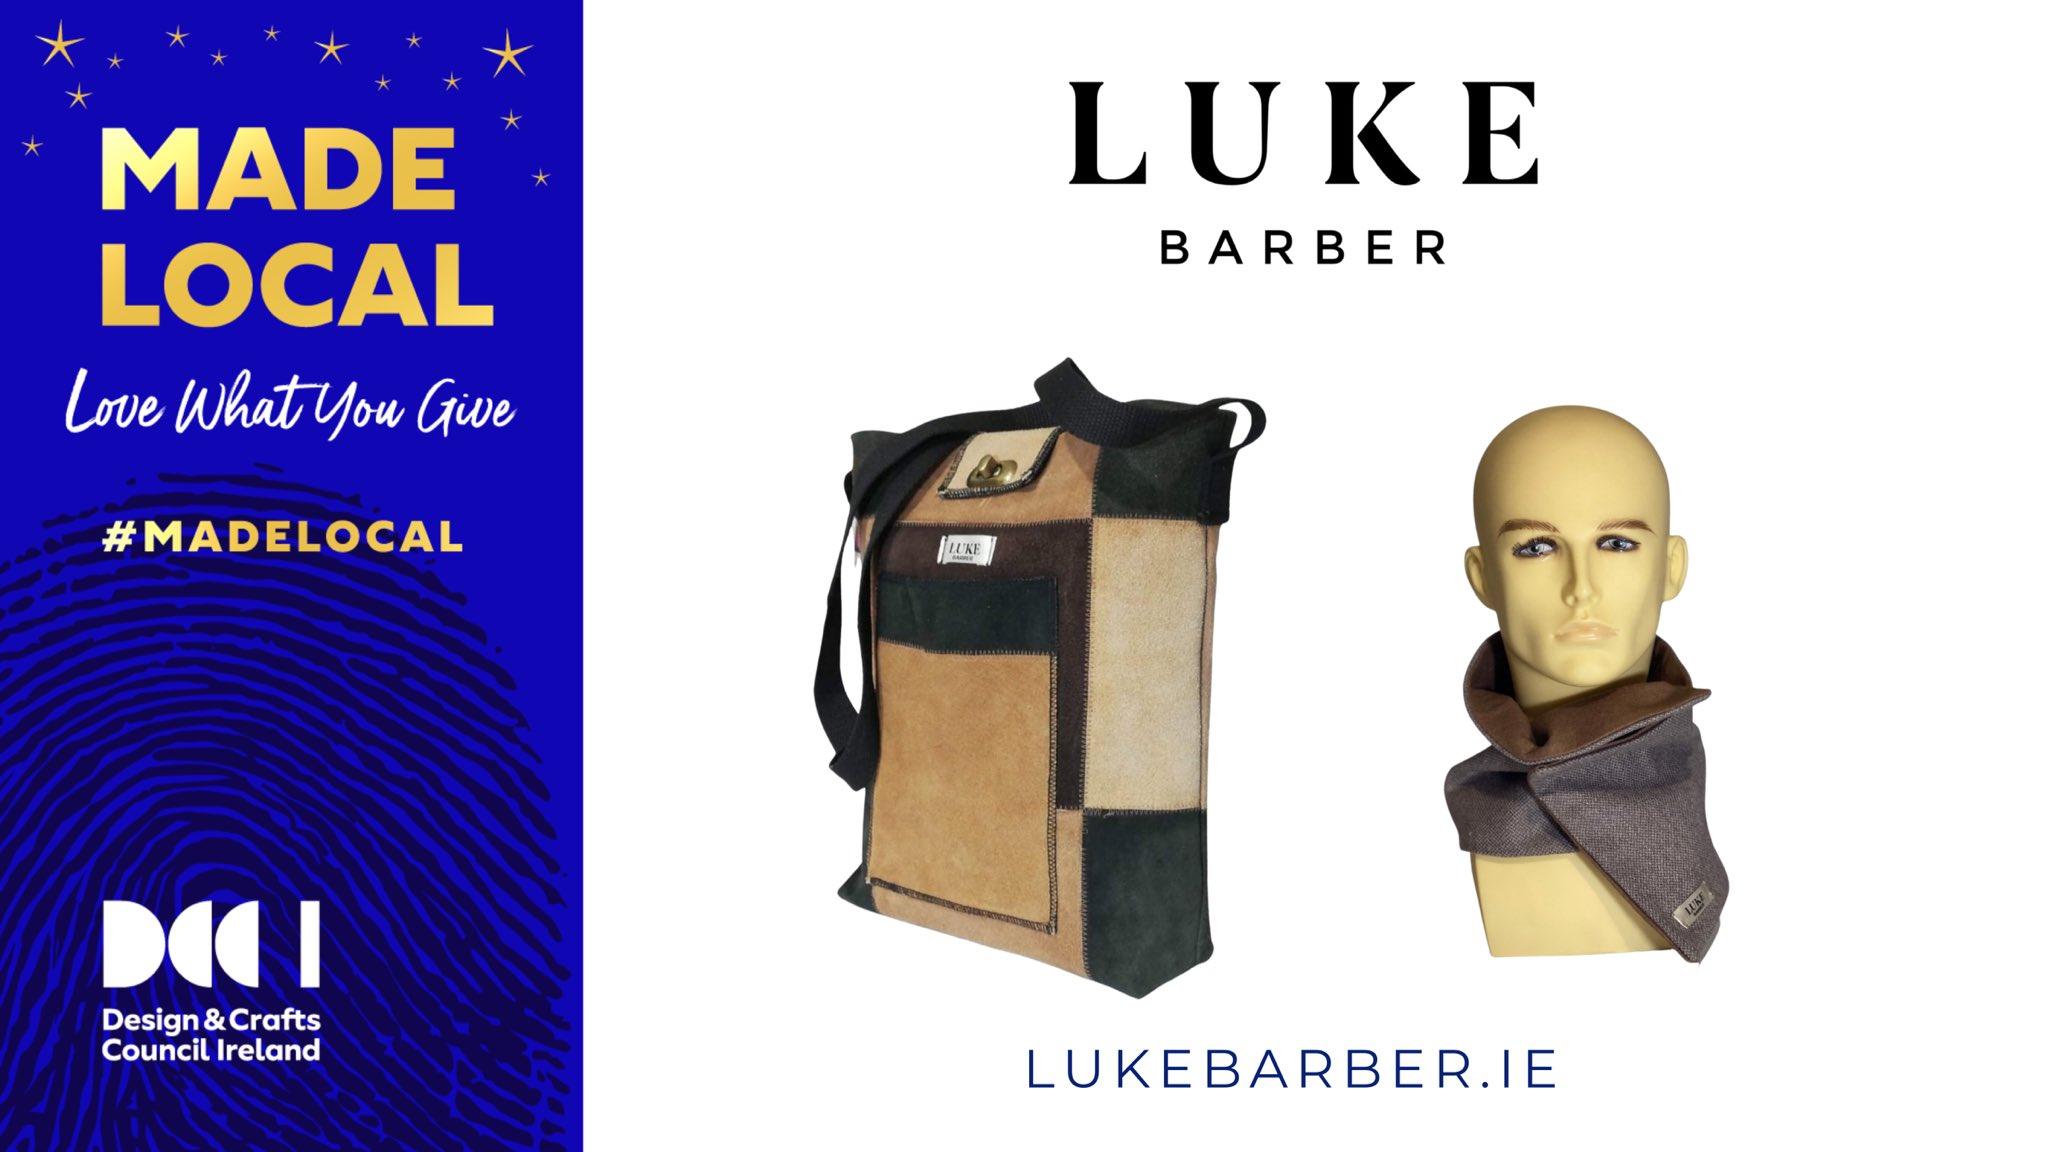 Luke Barber